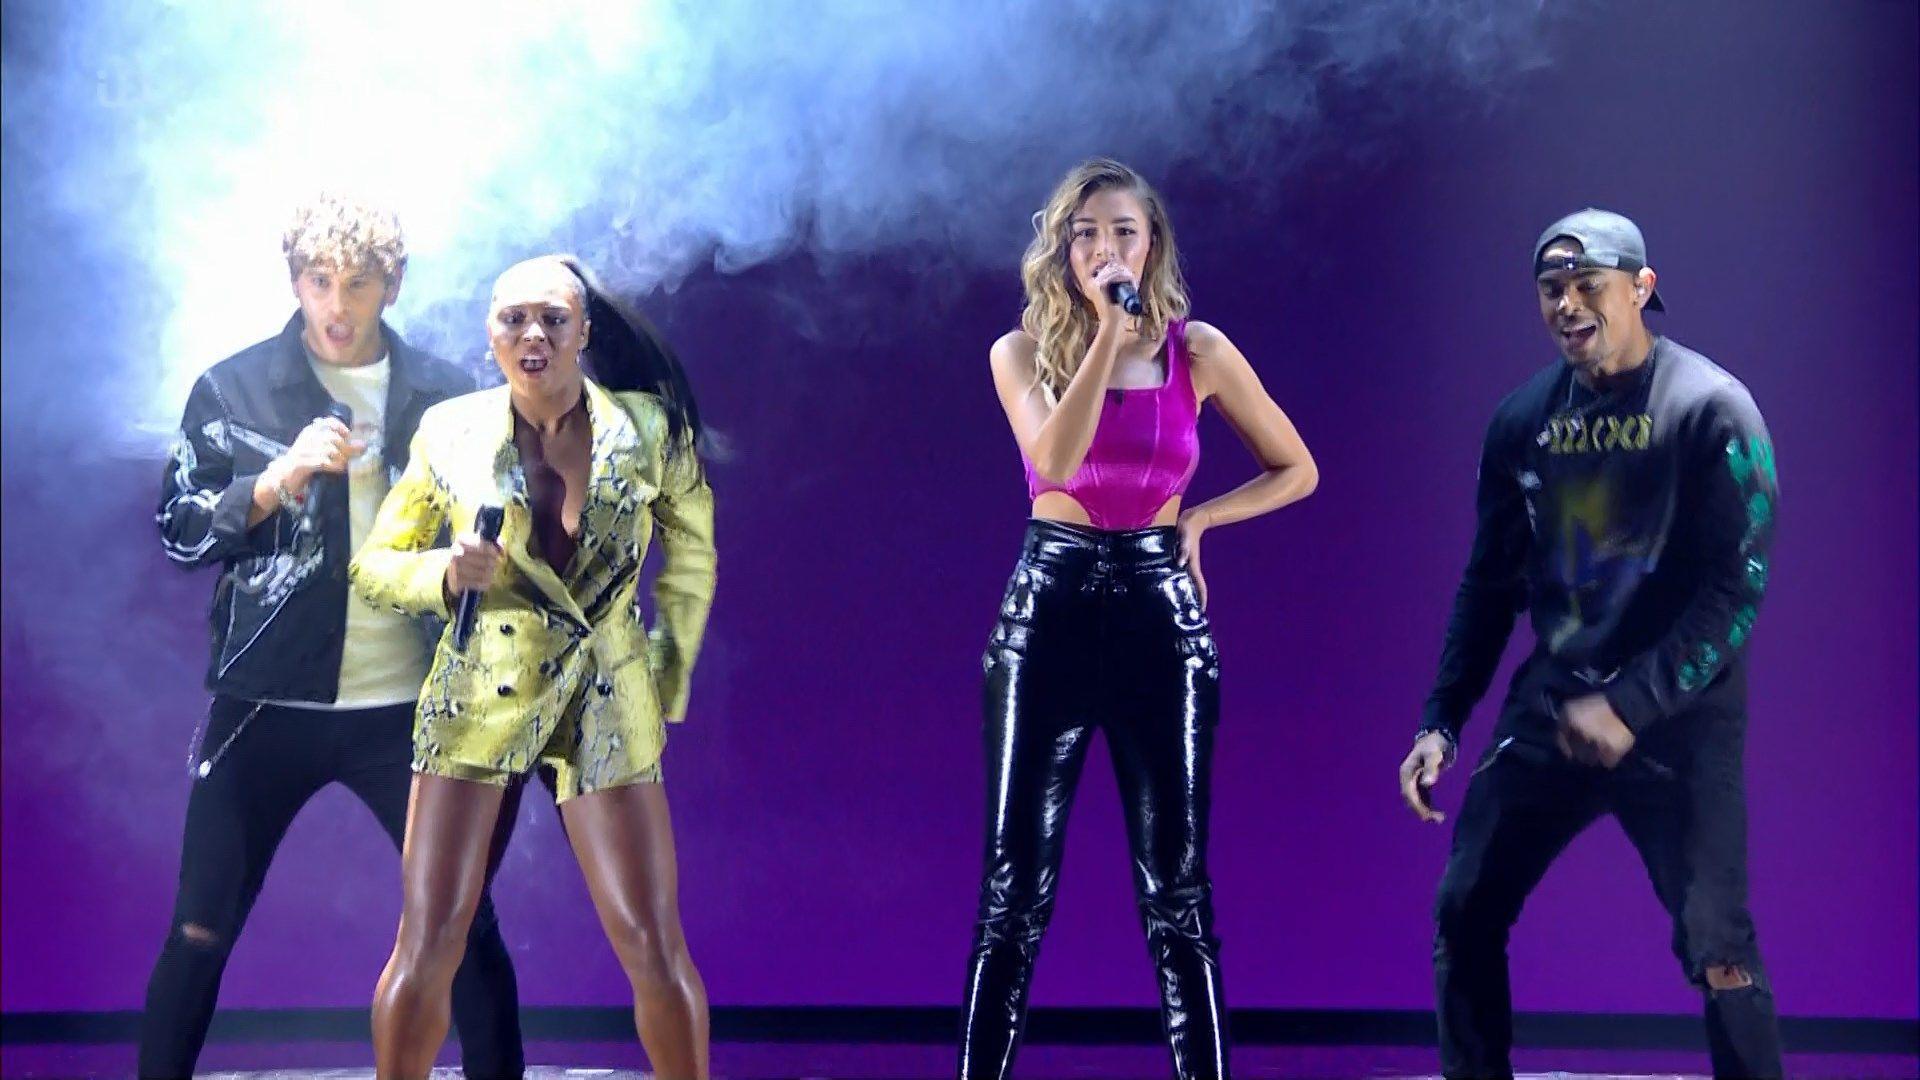 The X Factor: Celebrity — s01e03 — Episode 3